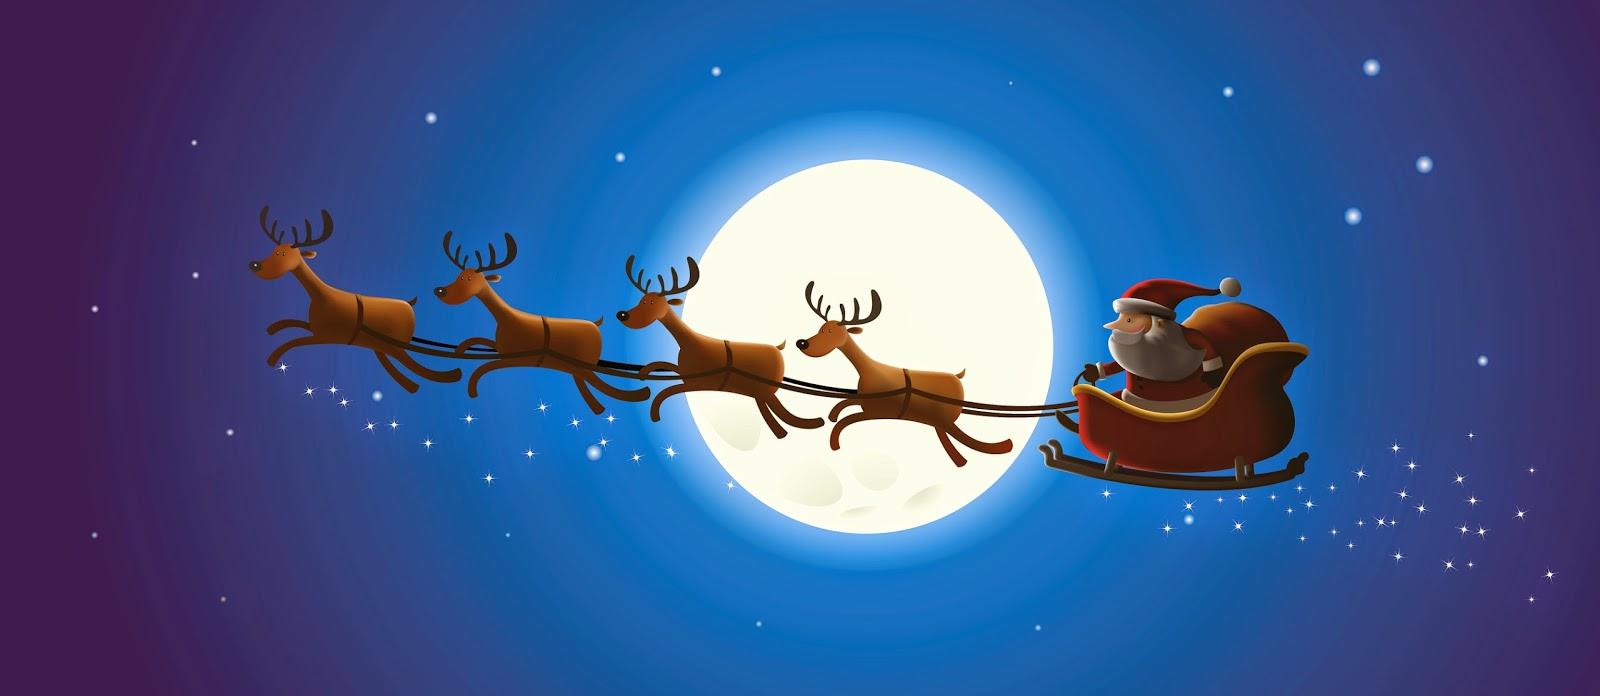 Санта-Клаус поймал Санта-Кам, ускоряя в своих салазках